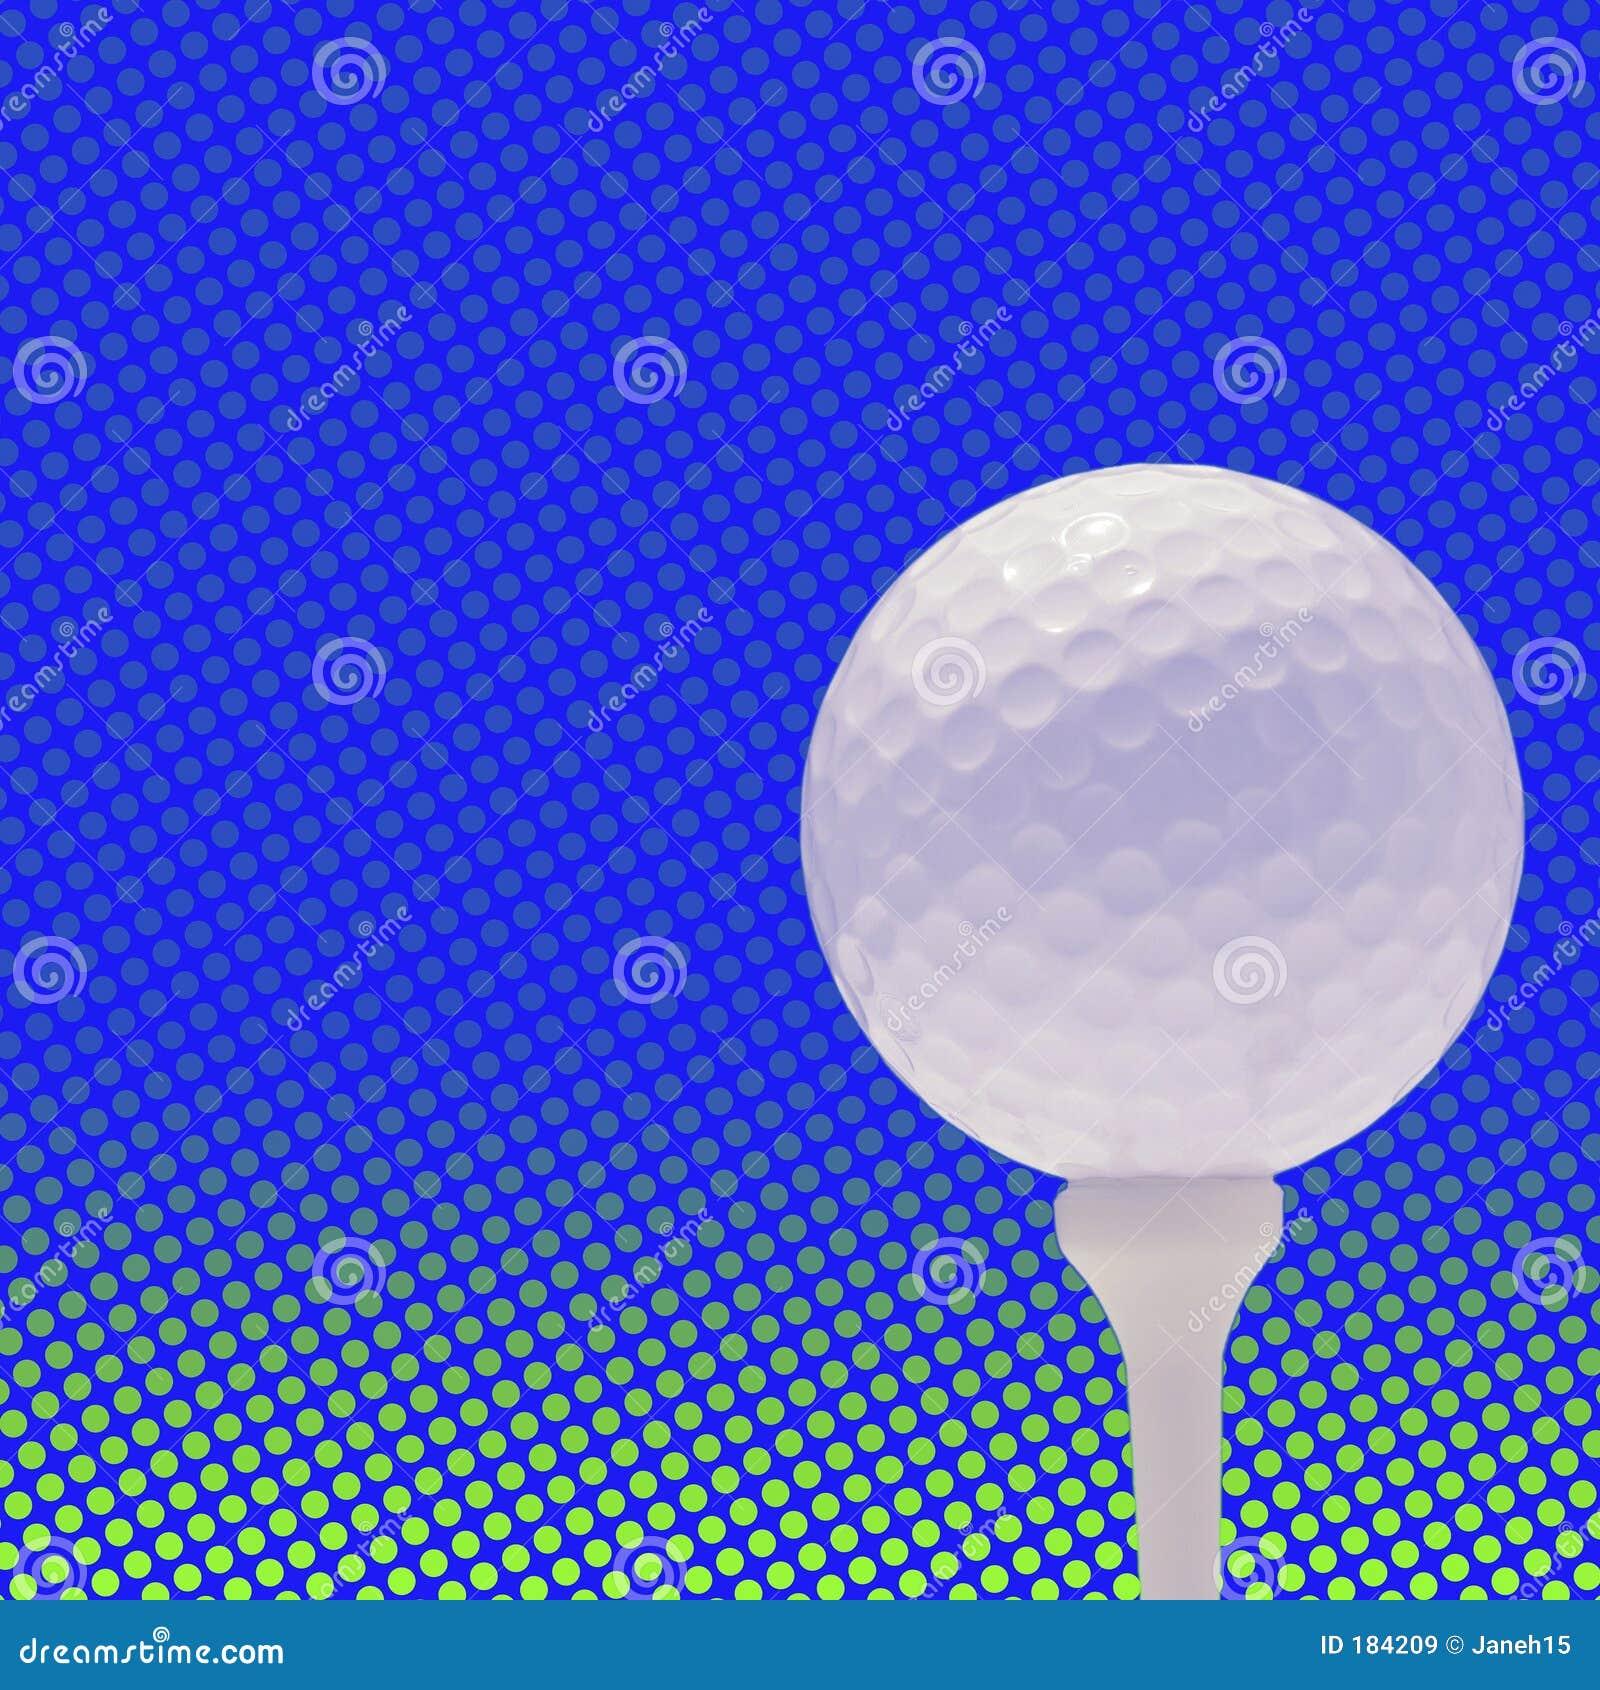 Golfball sulla priorità bassa del punto